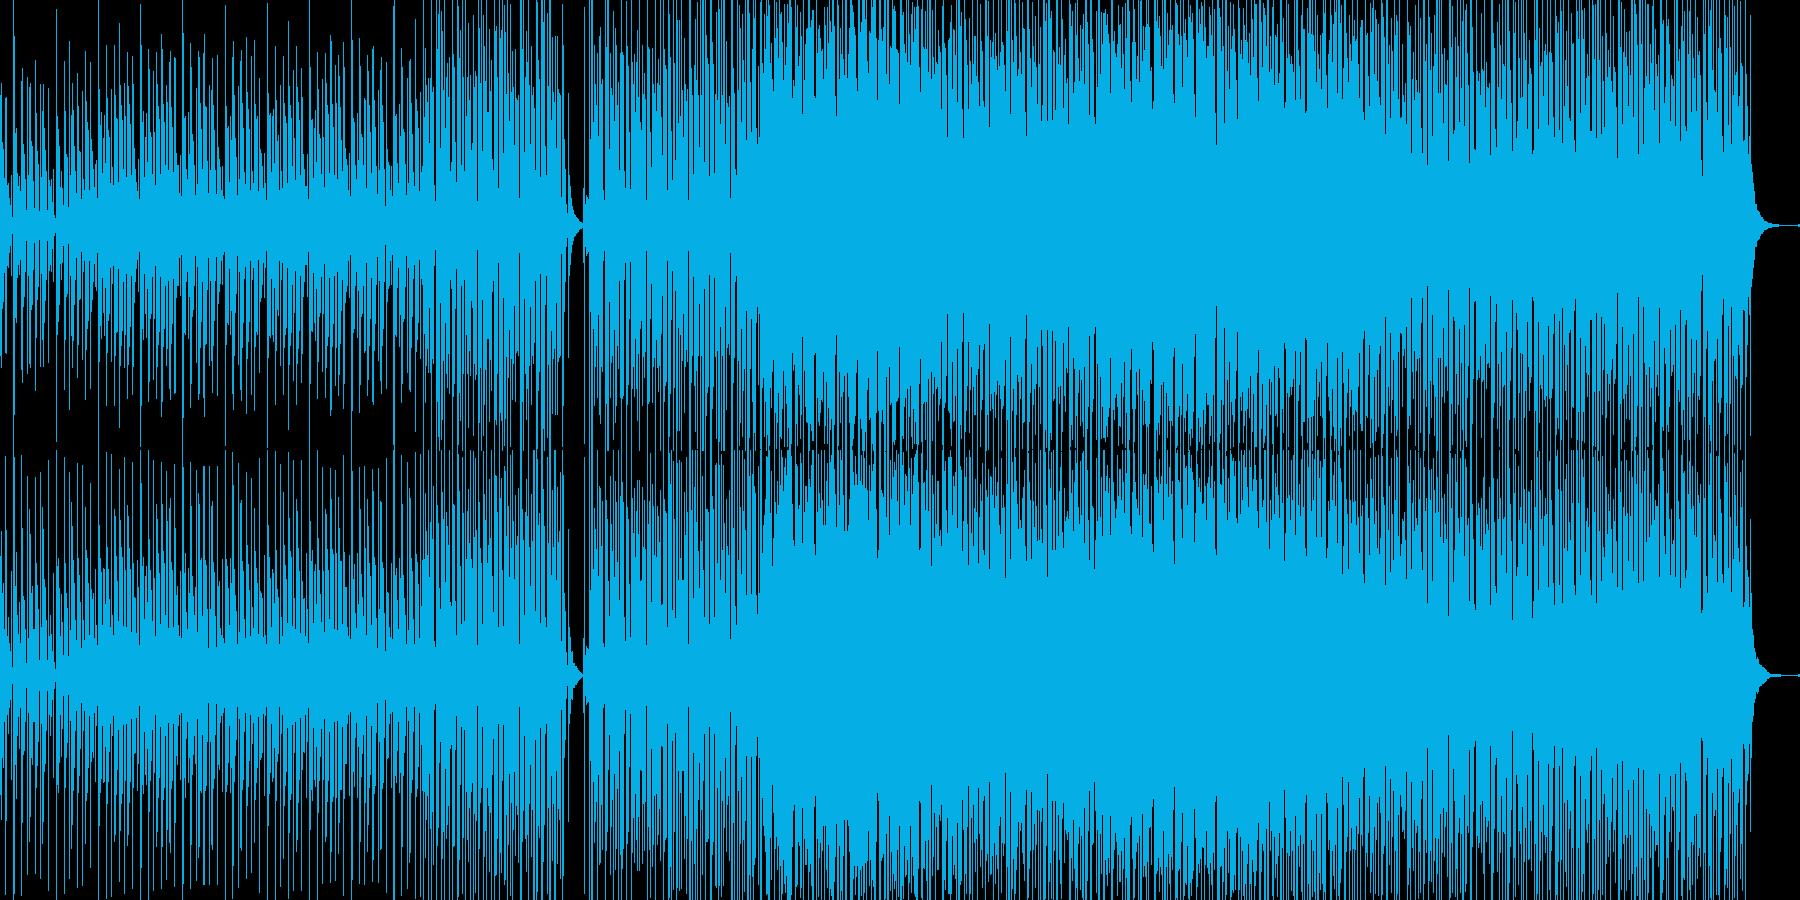 夜の海を航海するよう幻想的でスリルある曲の再生済みの波形